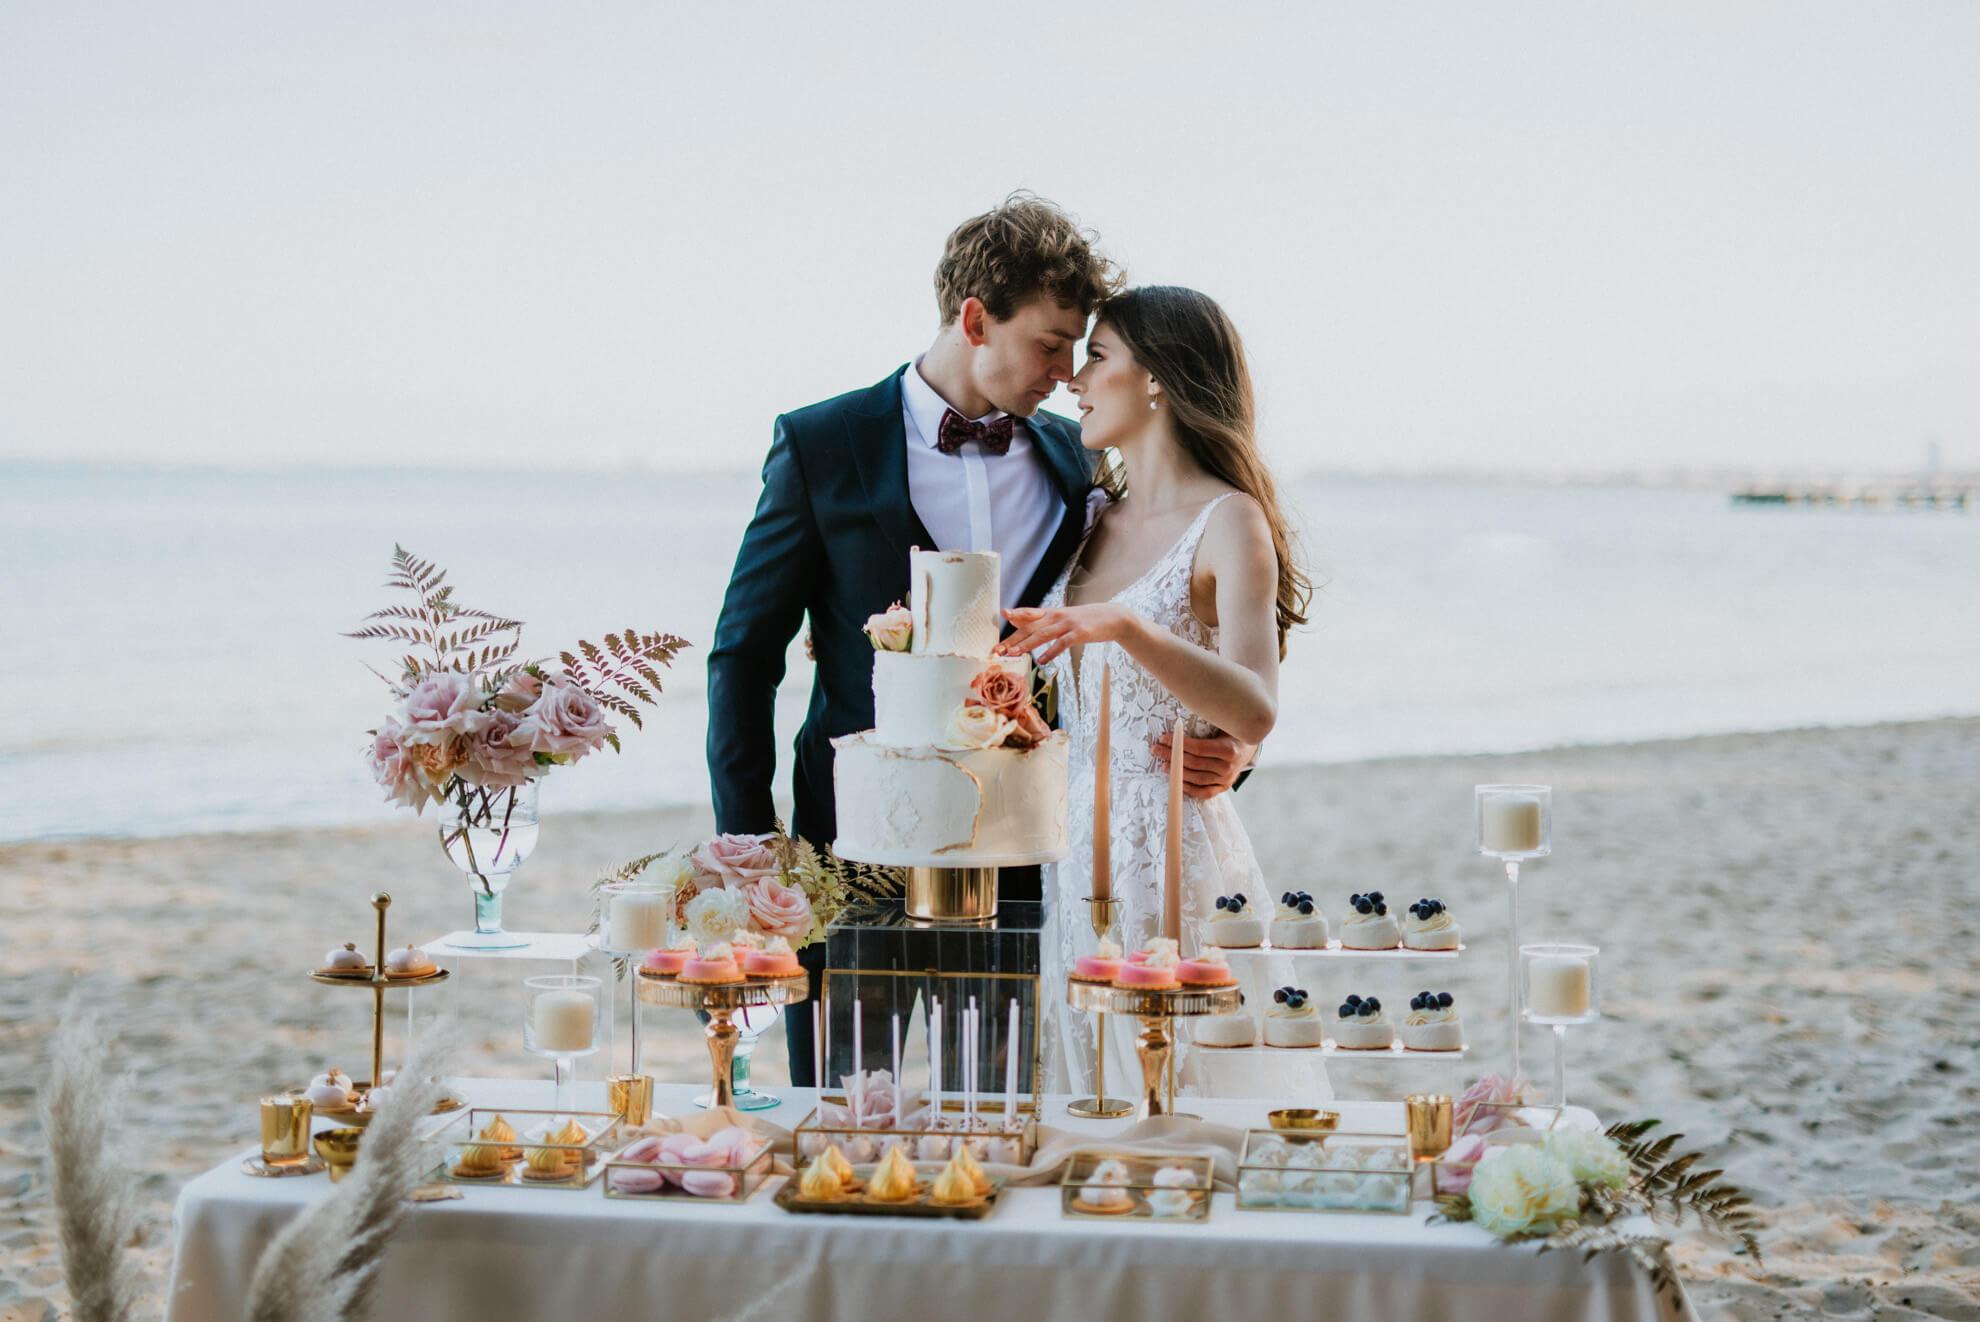 Karolina Domańska - wedding Planner | Weddings byCaroline - organizacja ślubów iwesel